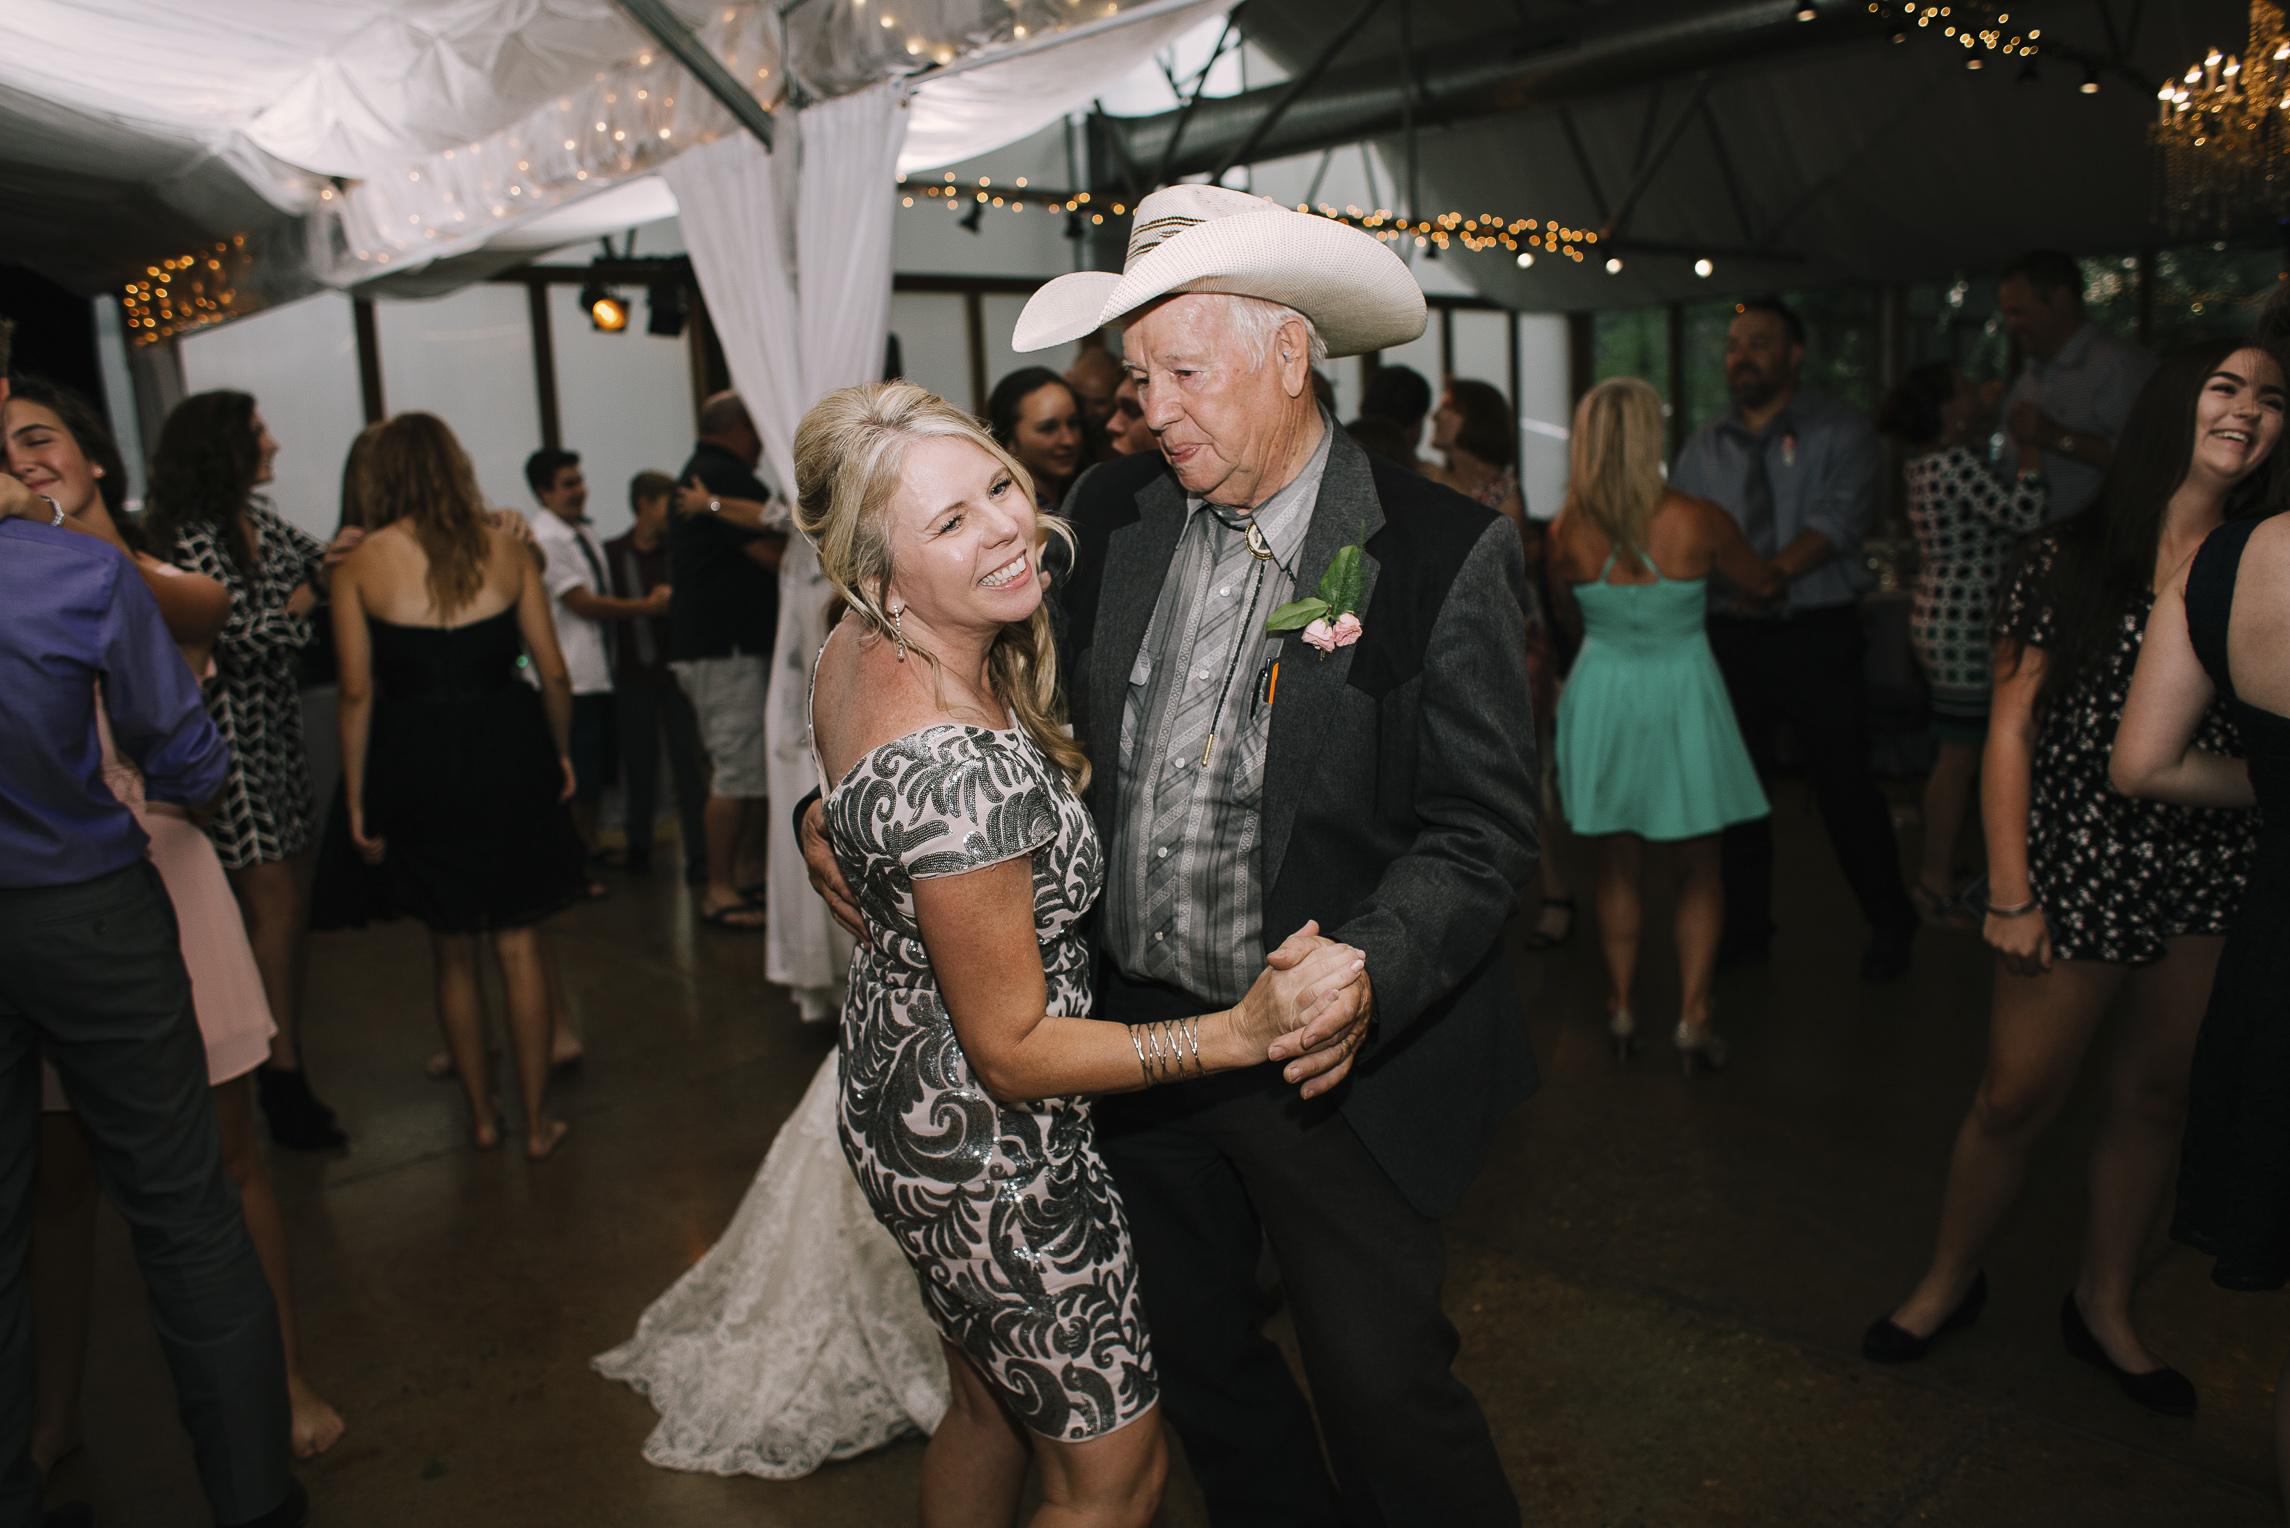 web sized images -- no to print --CALVIN & MCKYLEY WEDDING PHOTOS - COLORADO PHOTOGRAPHER - DEBI RAE PHOTOGRAPHY-2549.jpg